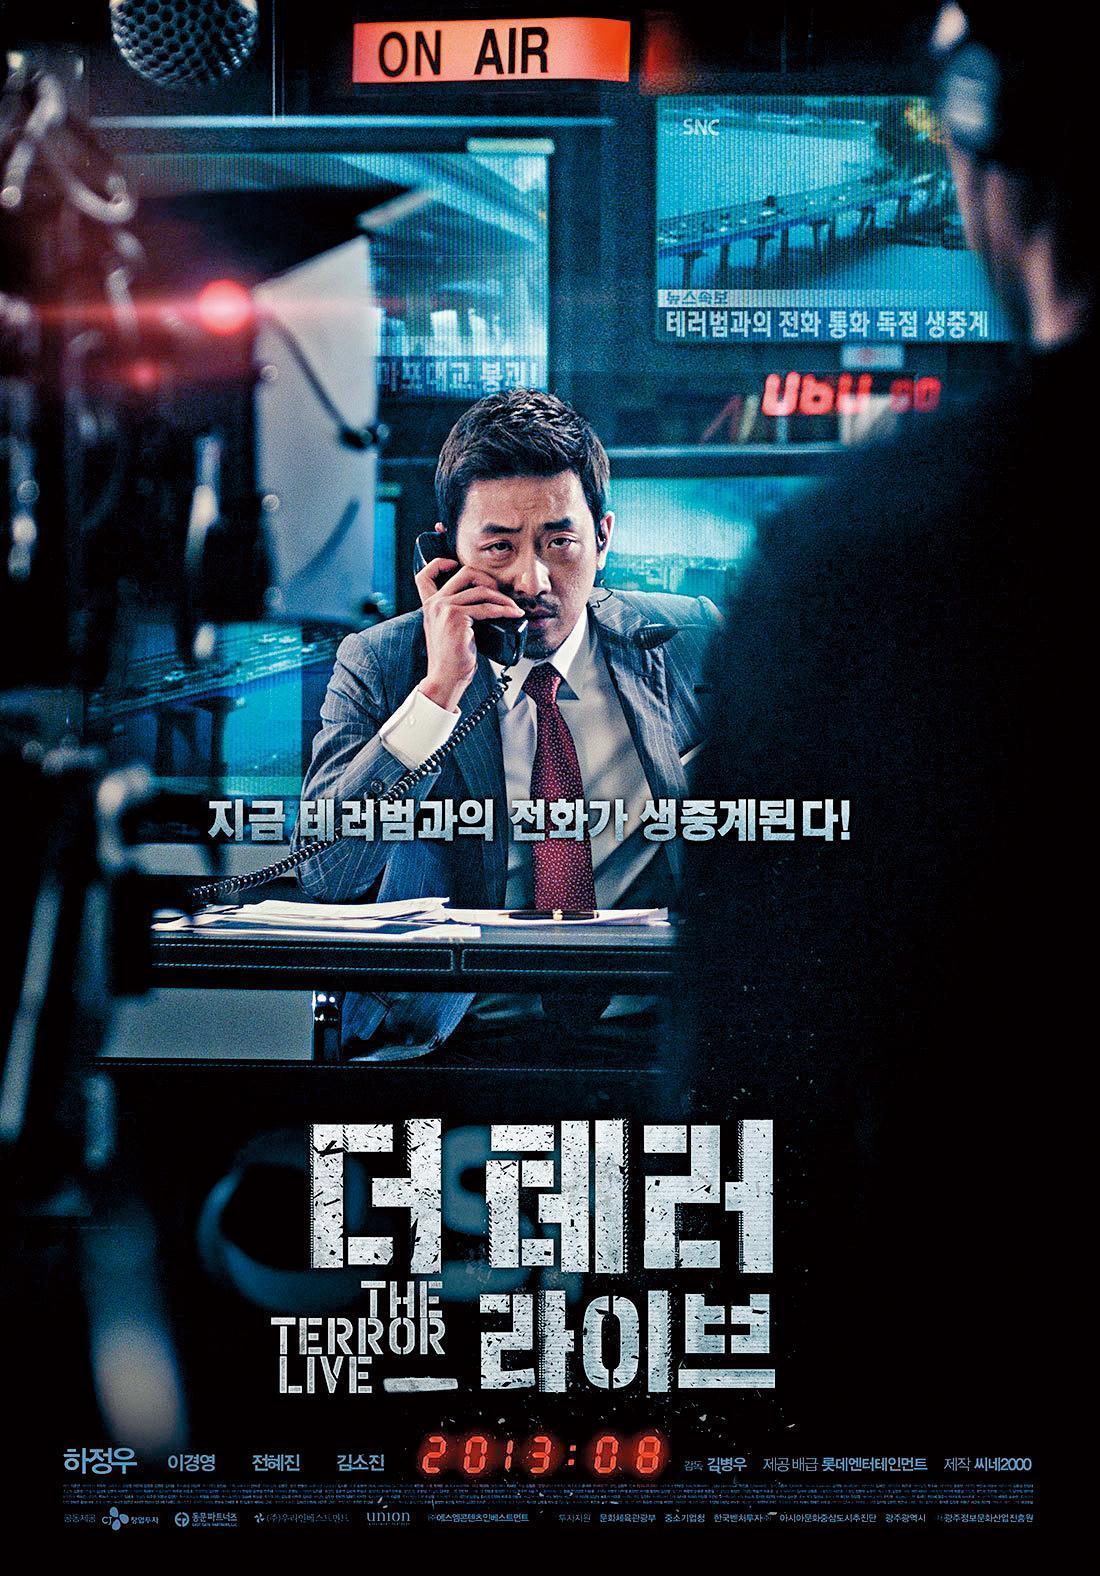 金秉祐2013年憑著《恐怖攻擊直播》,獲釜日電影節新人導演獎。(翻攝自Daum網站)